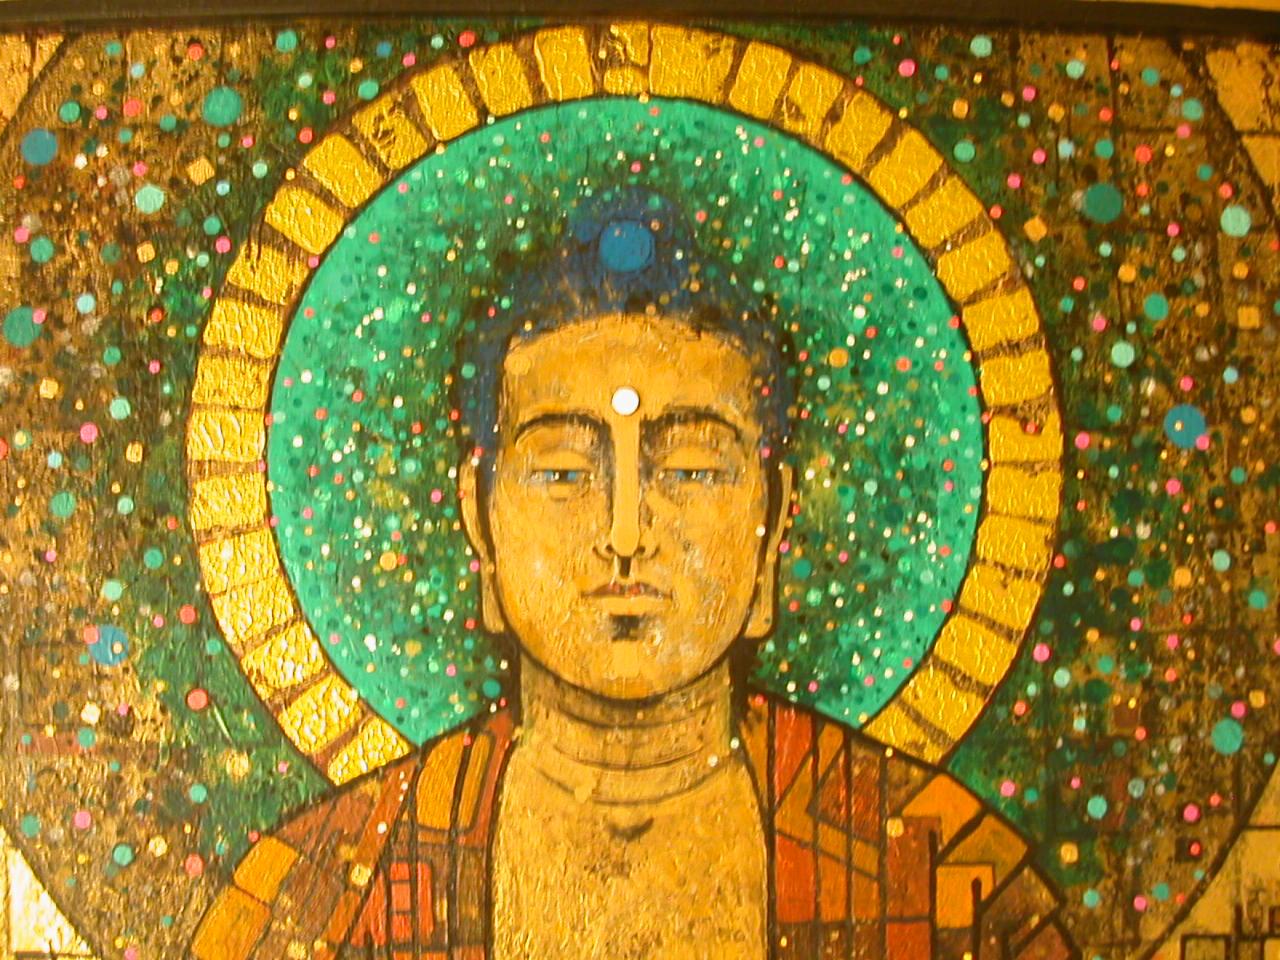 Phương Tây đã khám phá Phật giáo như thế nào?